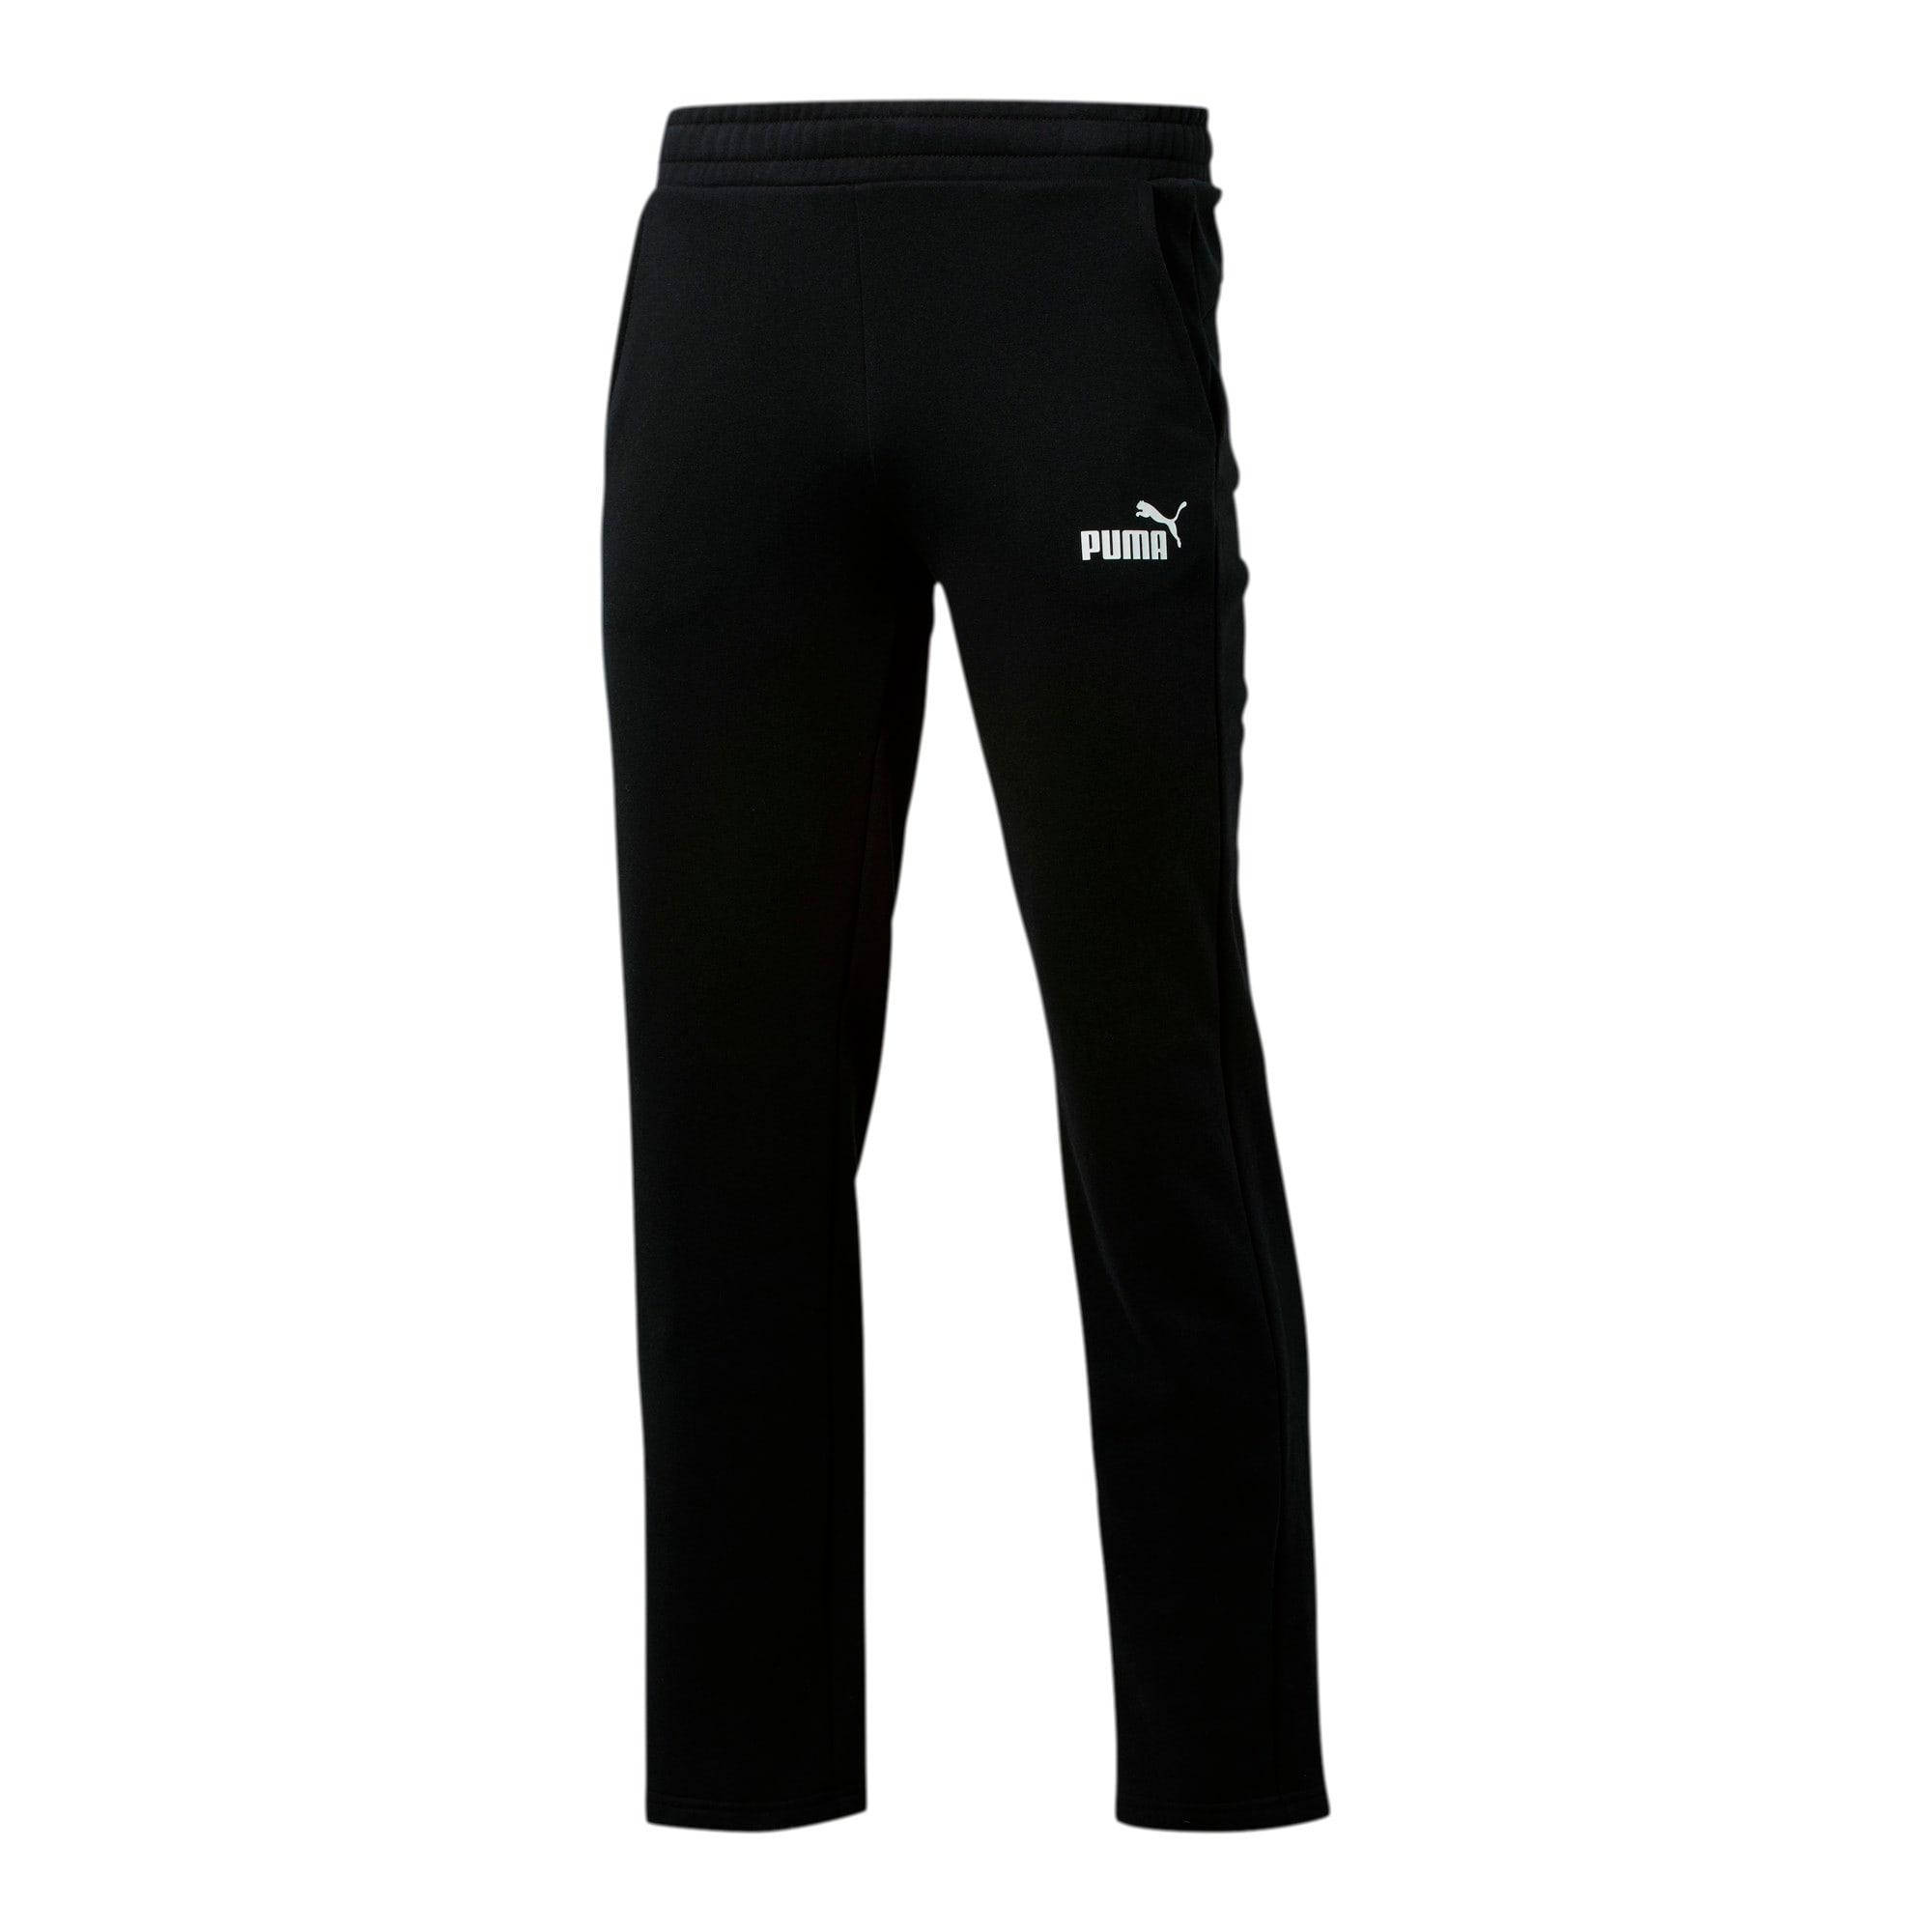 Thumbnail 1 of Essentials Men's Fleece Pants, Puma Black, medium